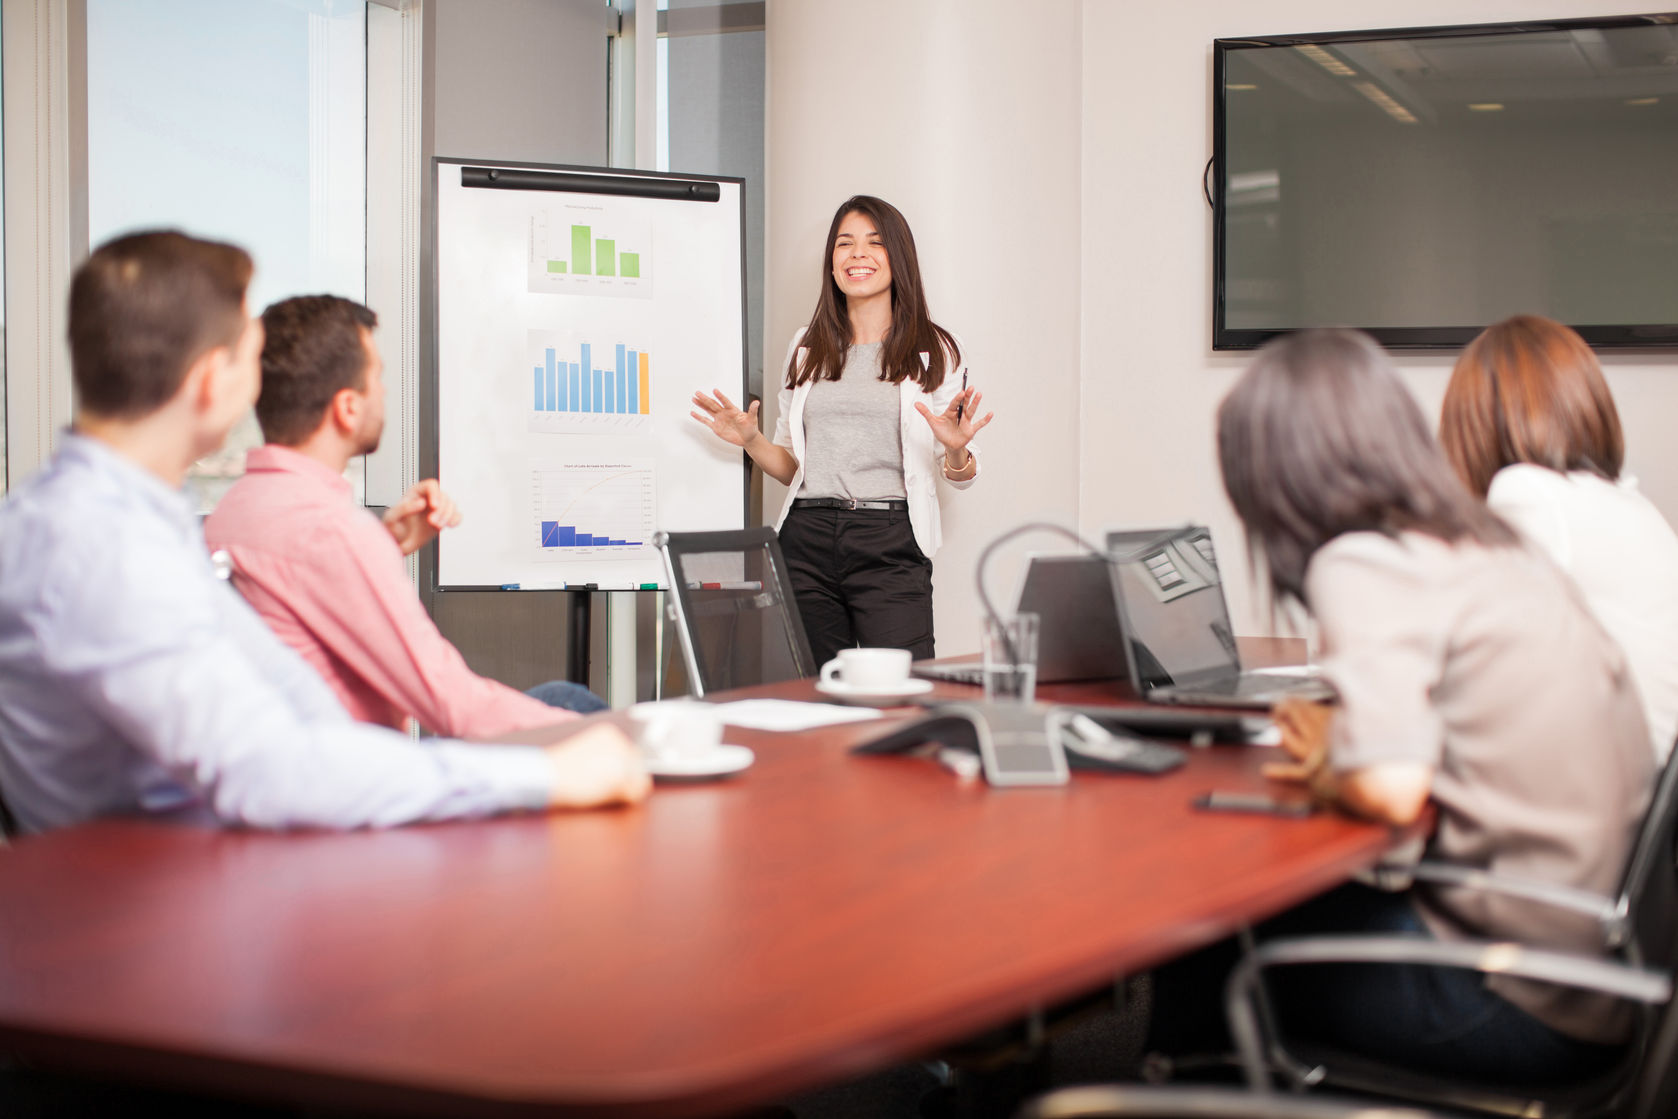 ¿Cómo mejorar el rendimiento del departamento de ventas?